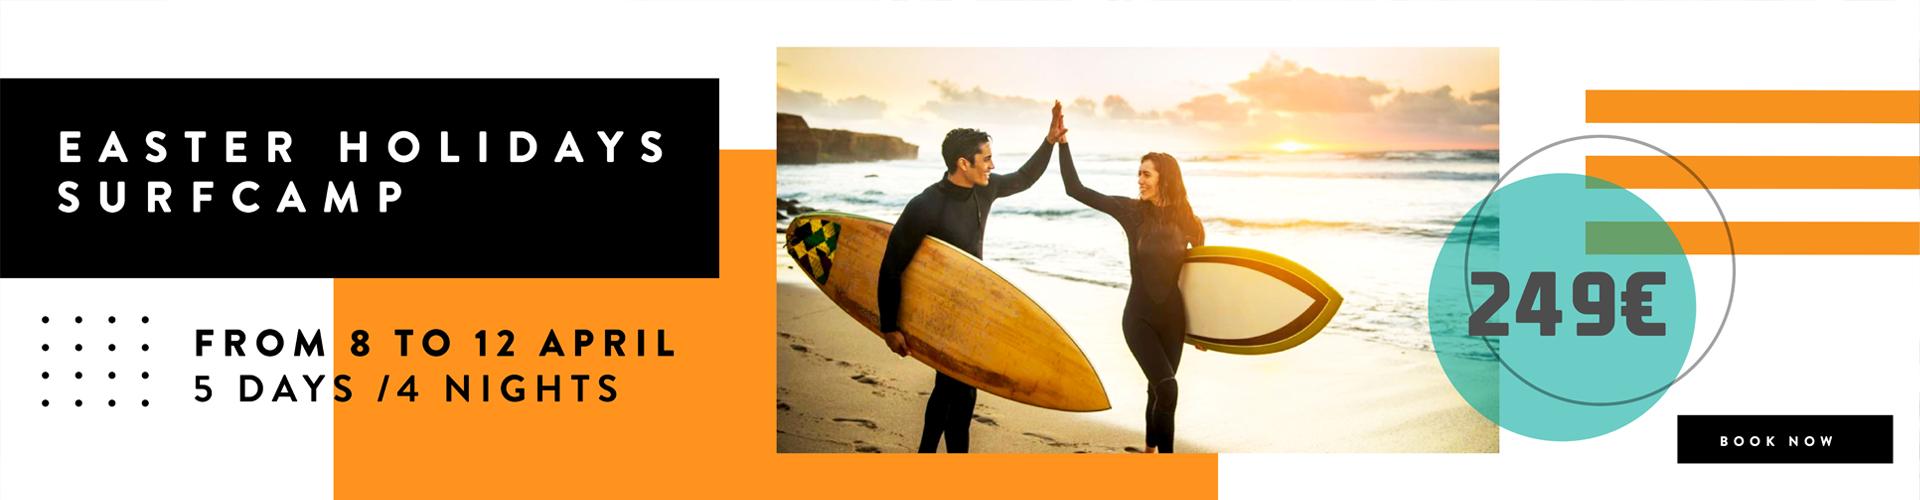 Oferta Surfcamp 7 días y 6 noches